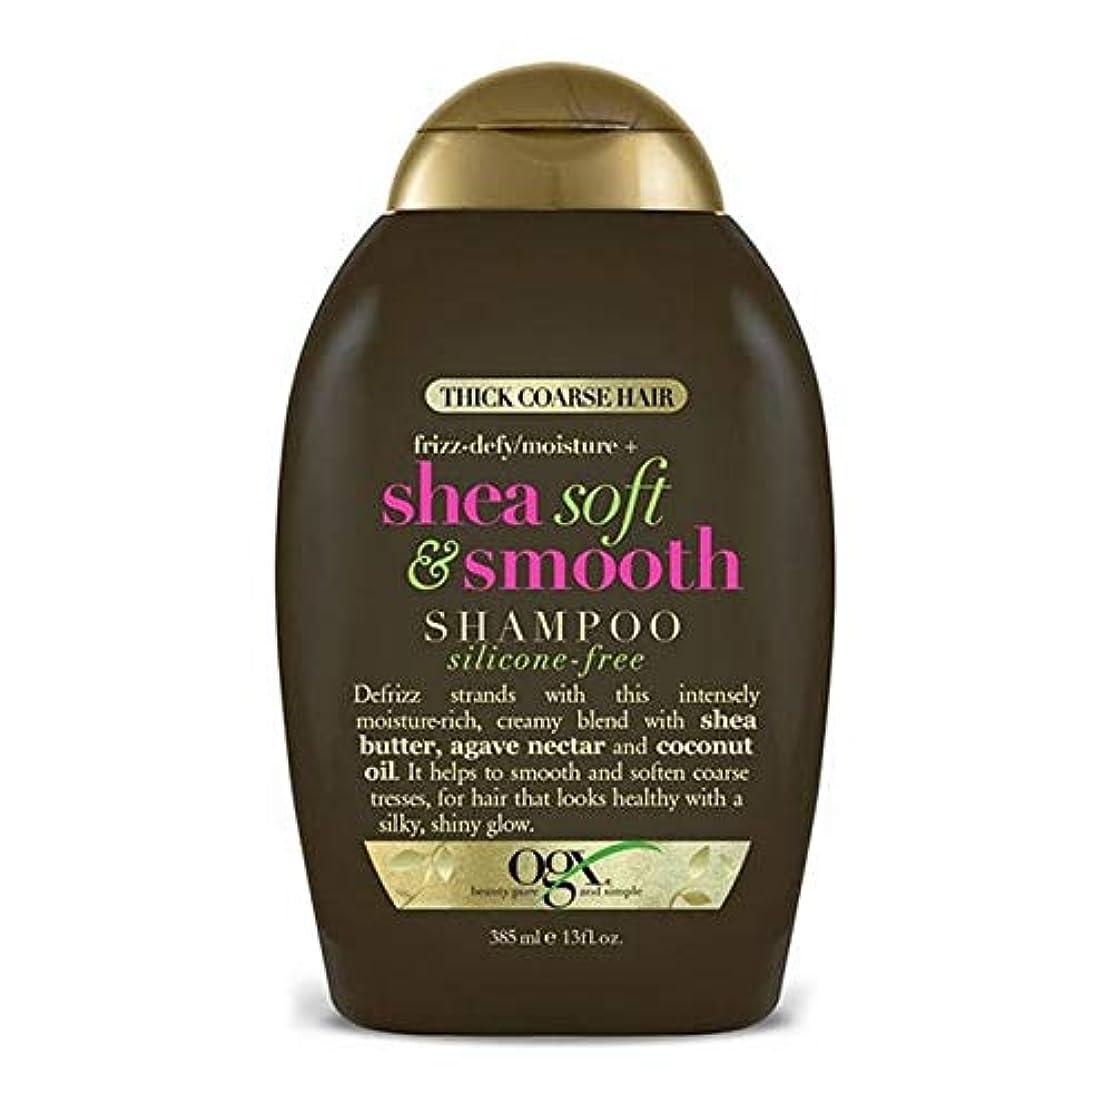 毒液襲撃飢饉[Ogx] Ogxシリコンフリーシアソフトで滑らかなシャンプー385ミリリットル - OGX Silicone-Free Shea Soft and Smooth Shampoo 385ml [並行輸入品]